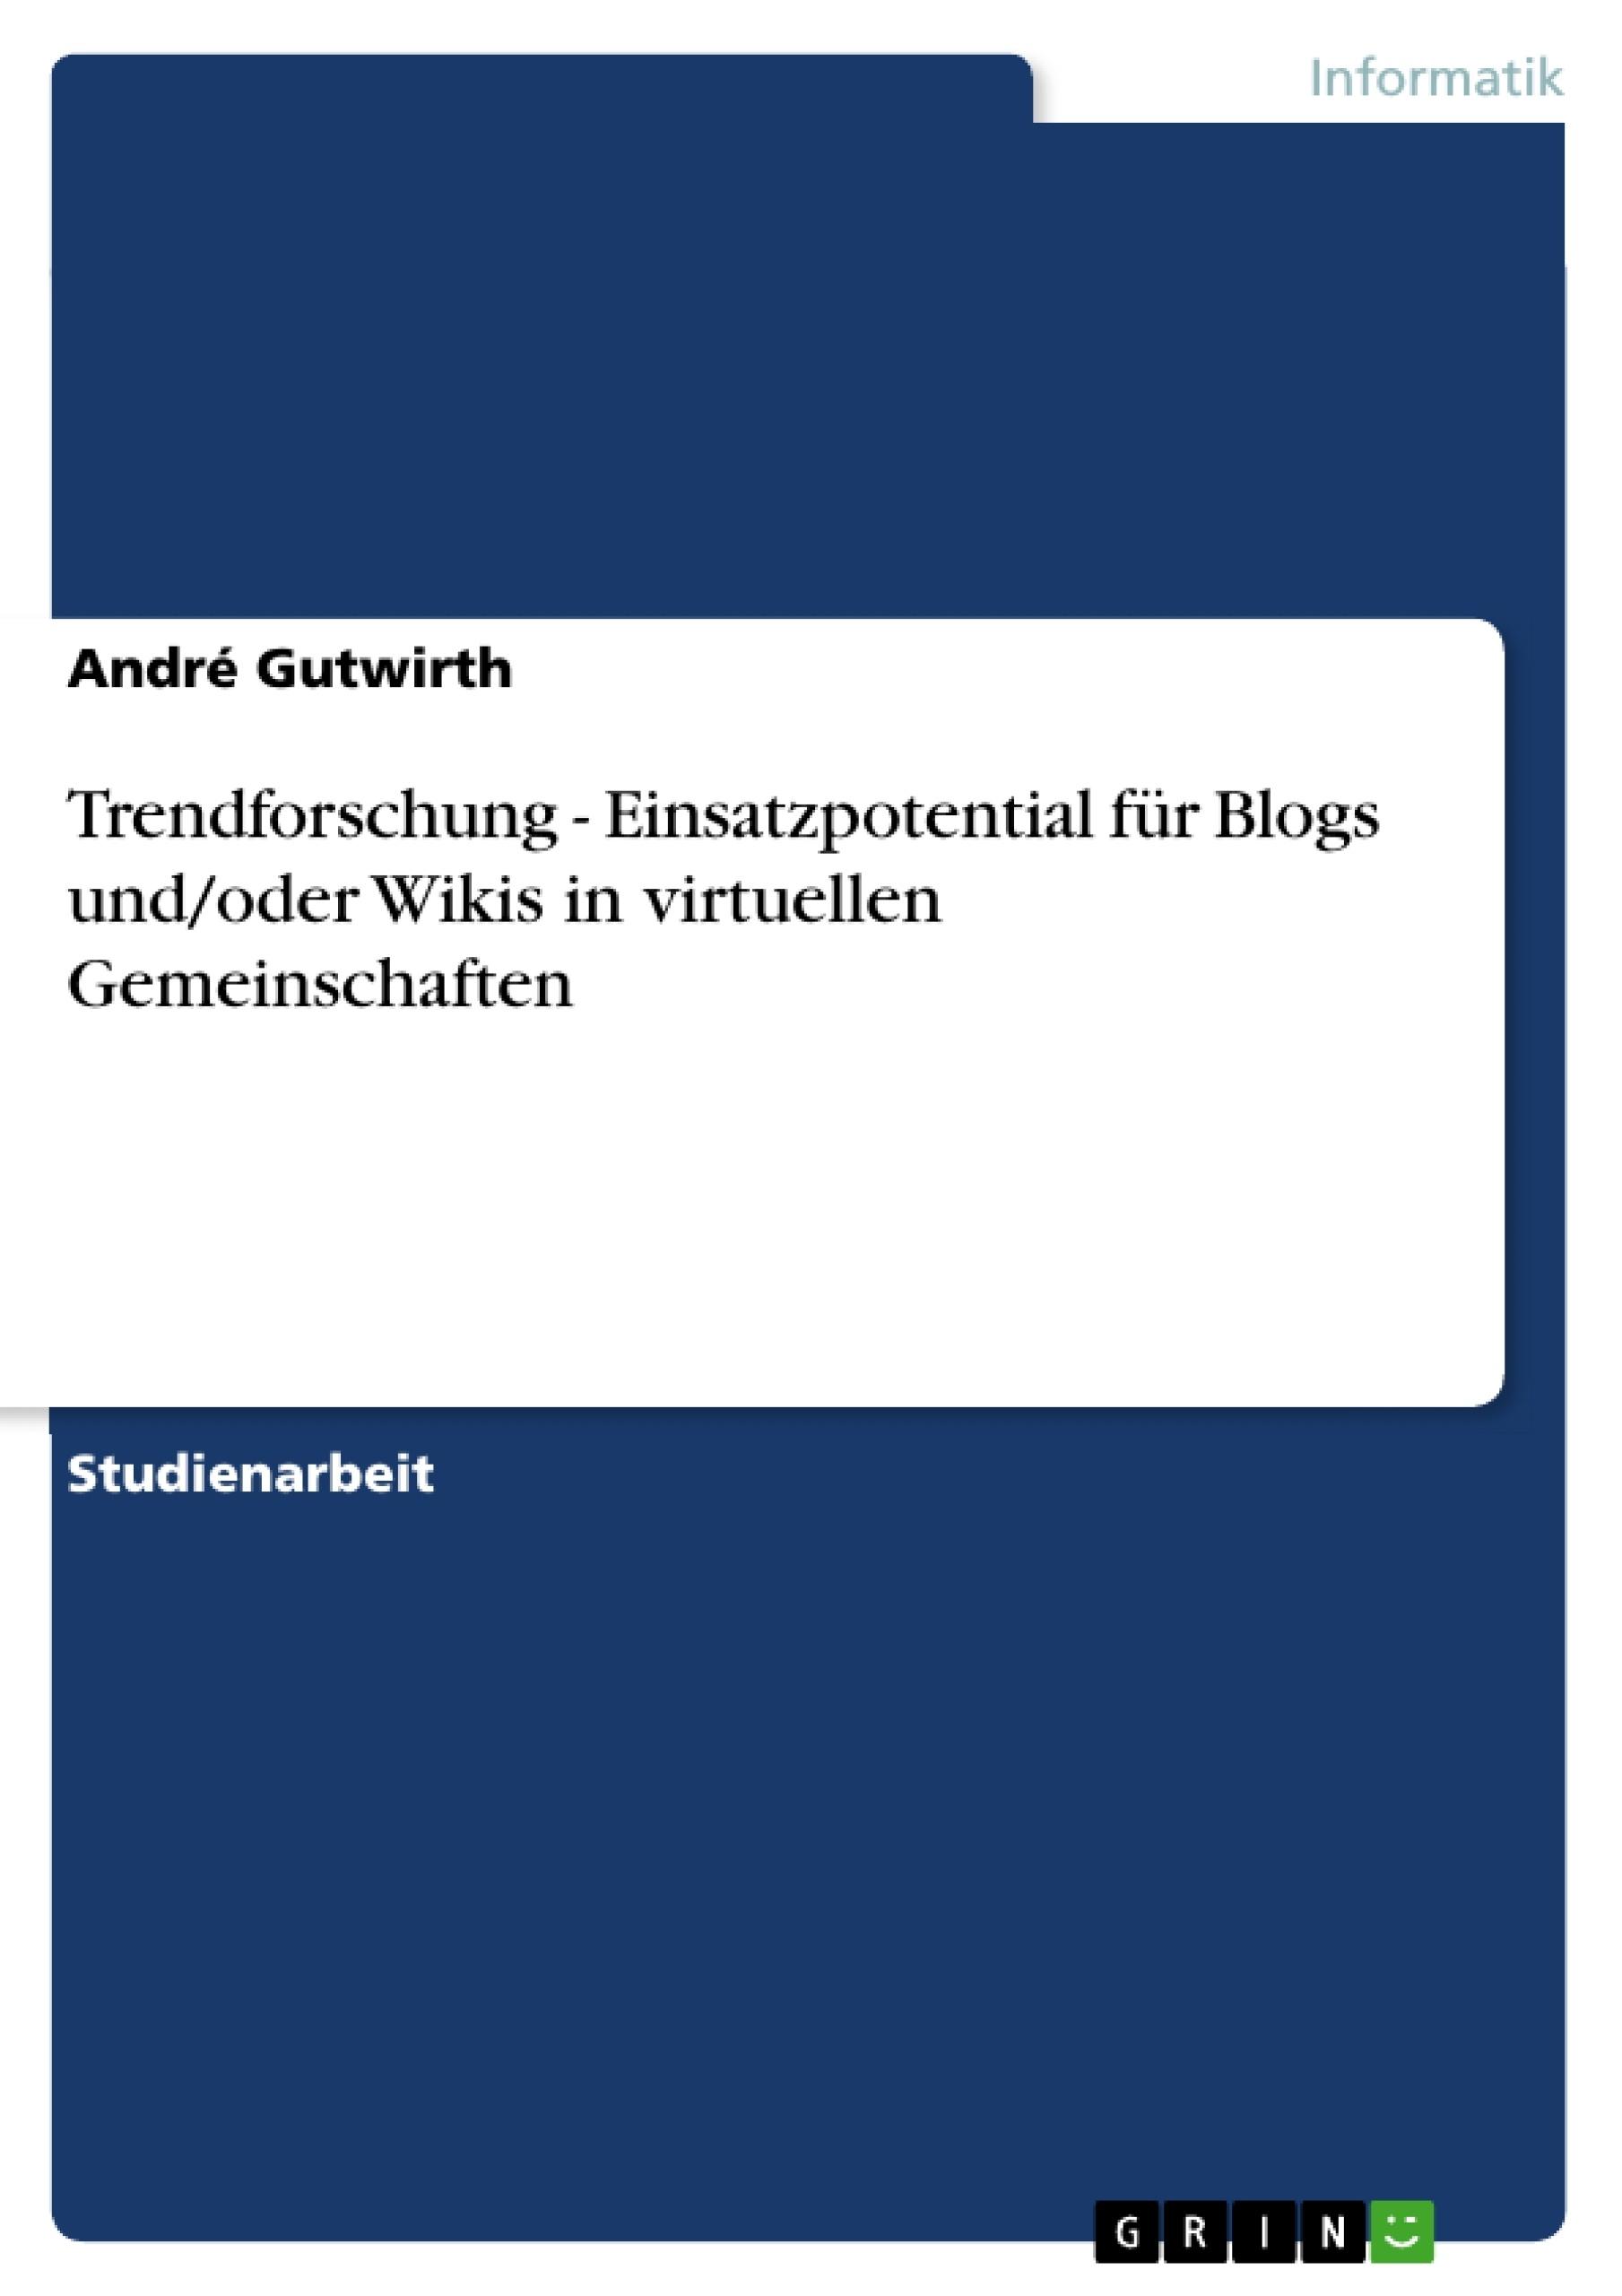 Titel: Trendforschung - Einsatzpotential für Blogs und/oder Wikis in virtuellen Gemeinschaften